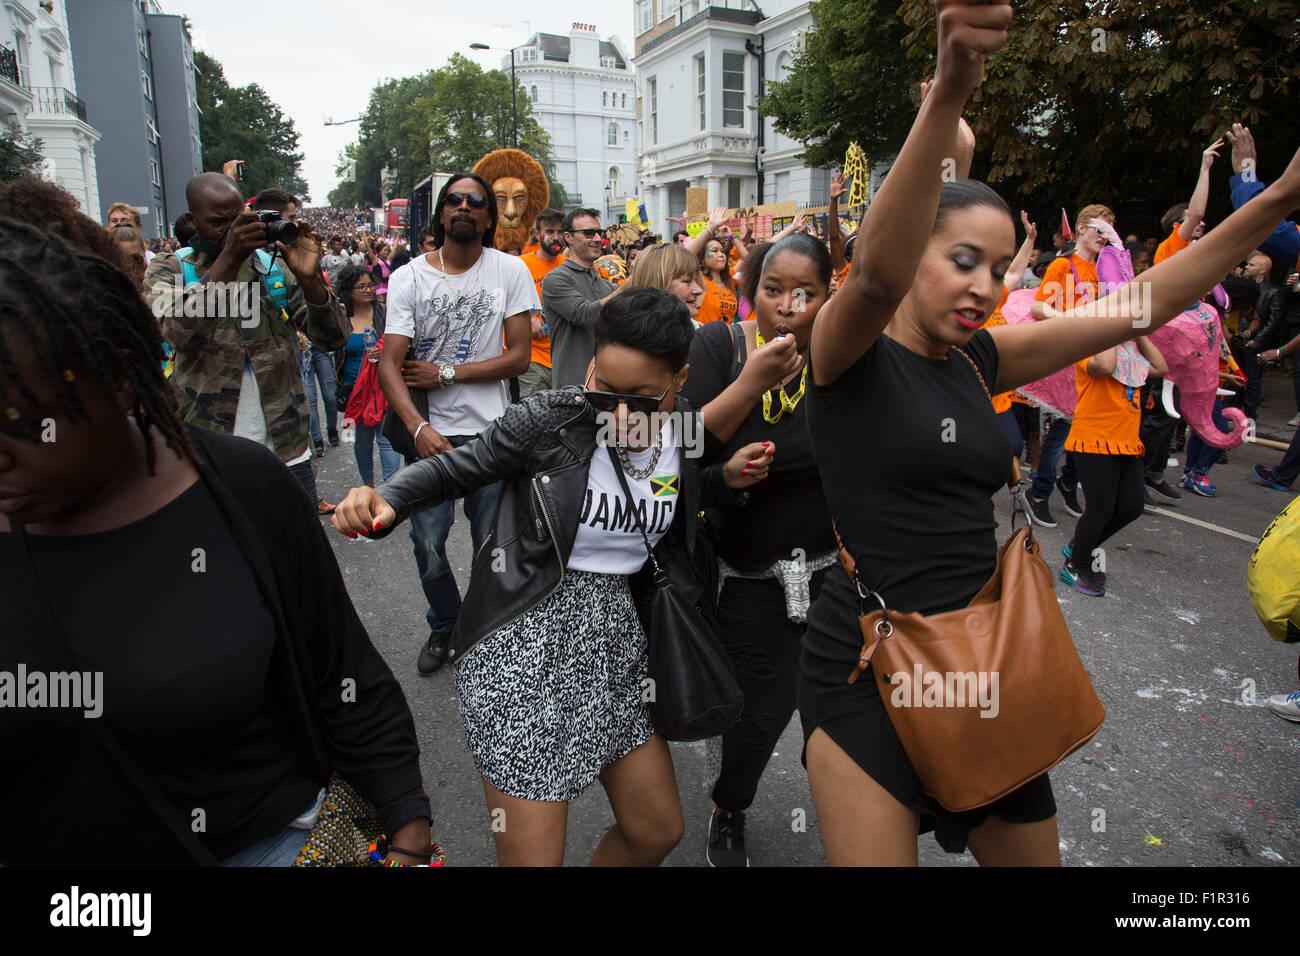 Danza desfile detrás de uno de los sistemas de sonido. El Carnaval de Notting Hill en el oeste de Londres. Imagen De Stock